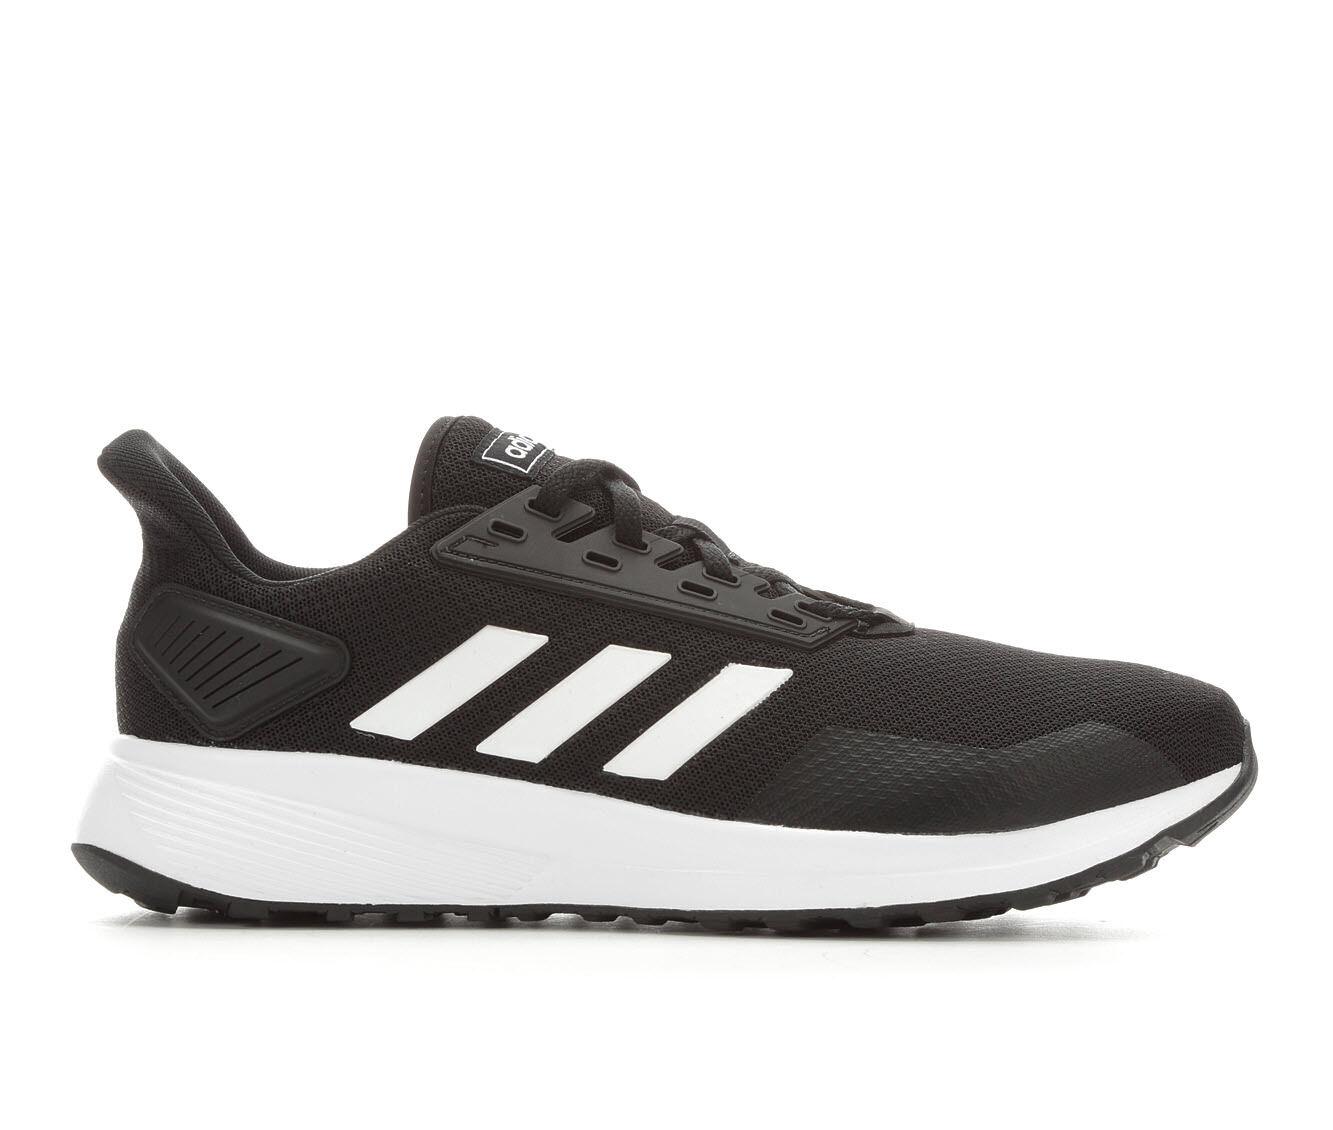 Duramo Men's Carnival Adidas Running Shoe 9 Shoes Swq5UCw